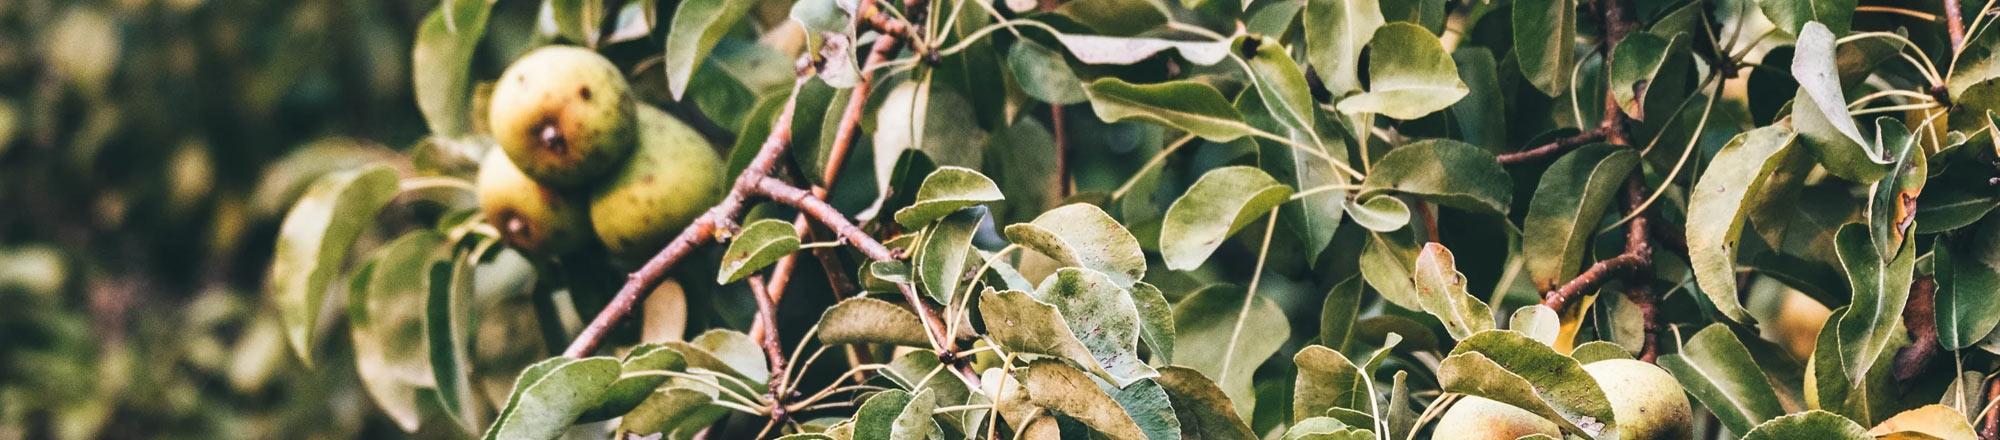 Perenboom snoeien en verzorgen